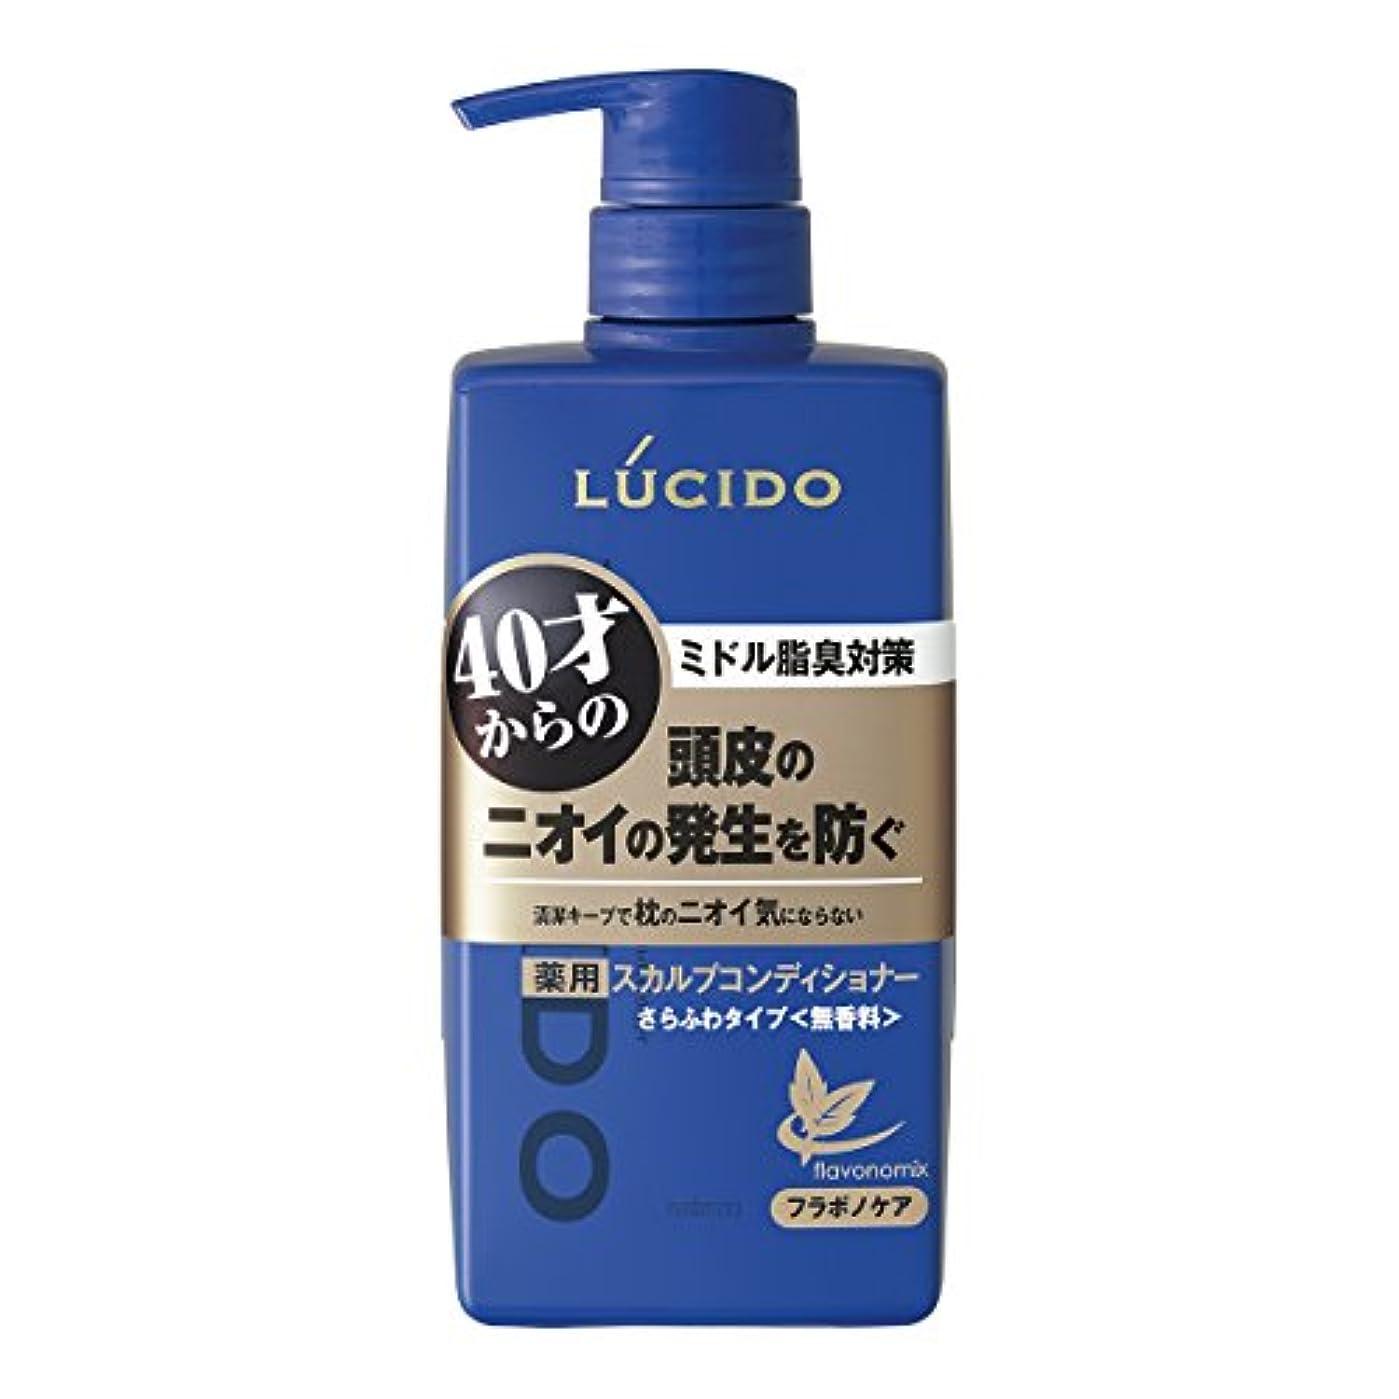 デッキお風呂適格ルシード 薬用ヘア&スカルプコンディショナー 450g(医薬部外品)